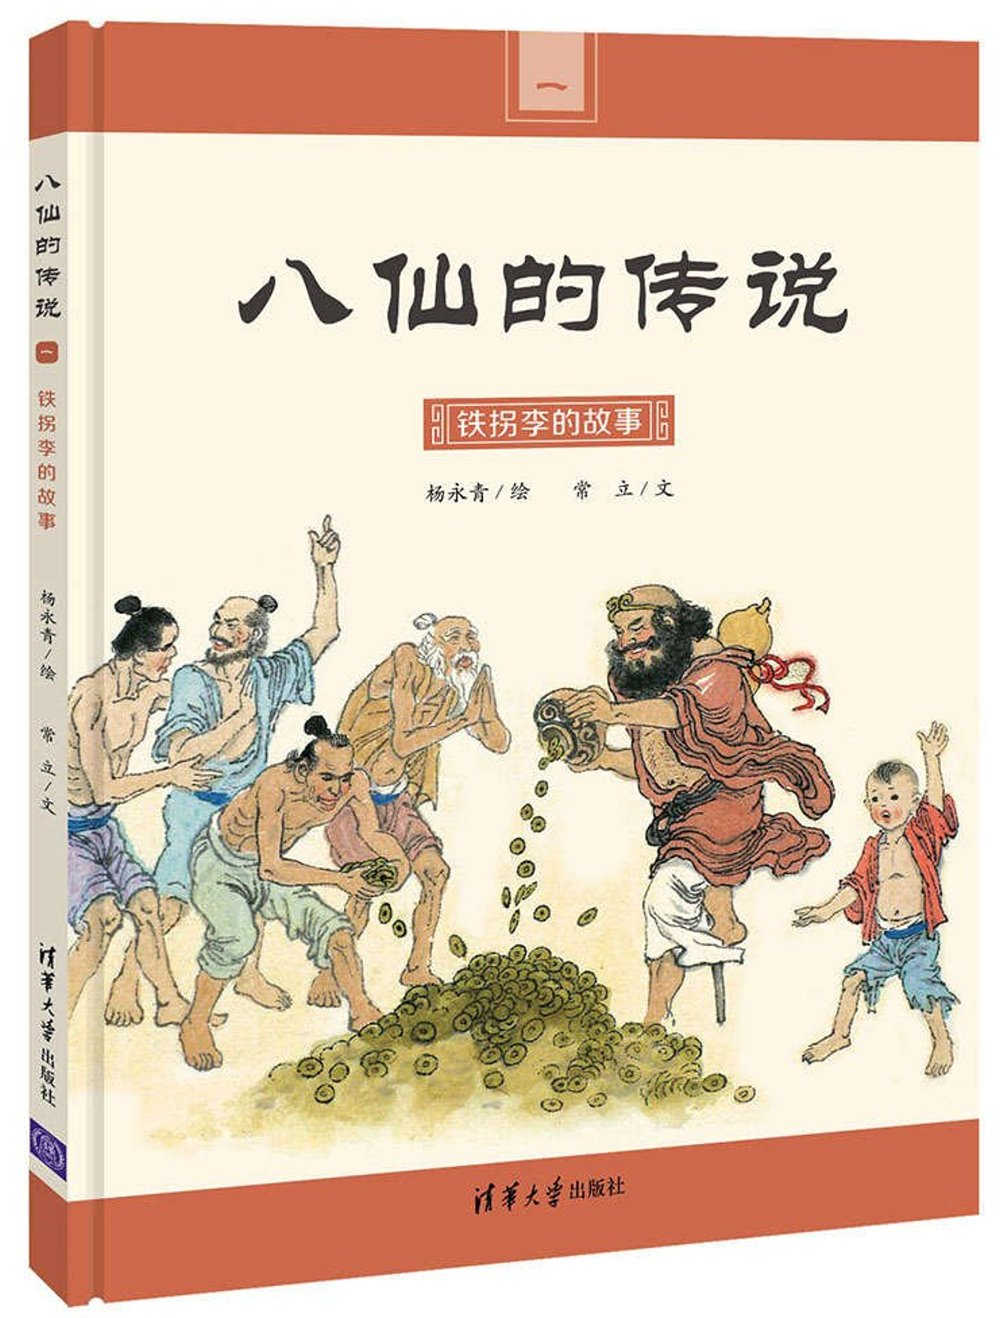 八仙的傳說(一):鐵拐李的故事